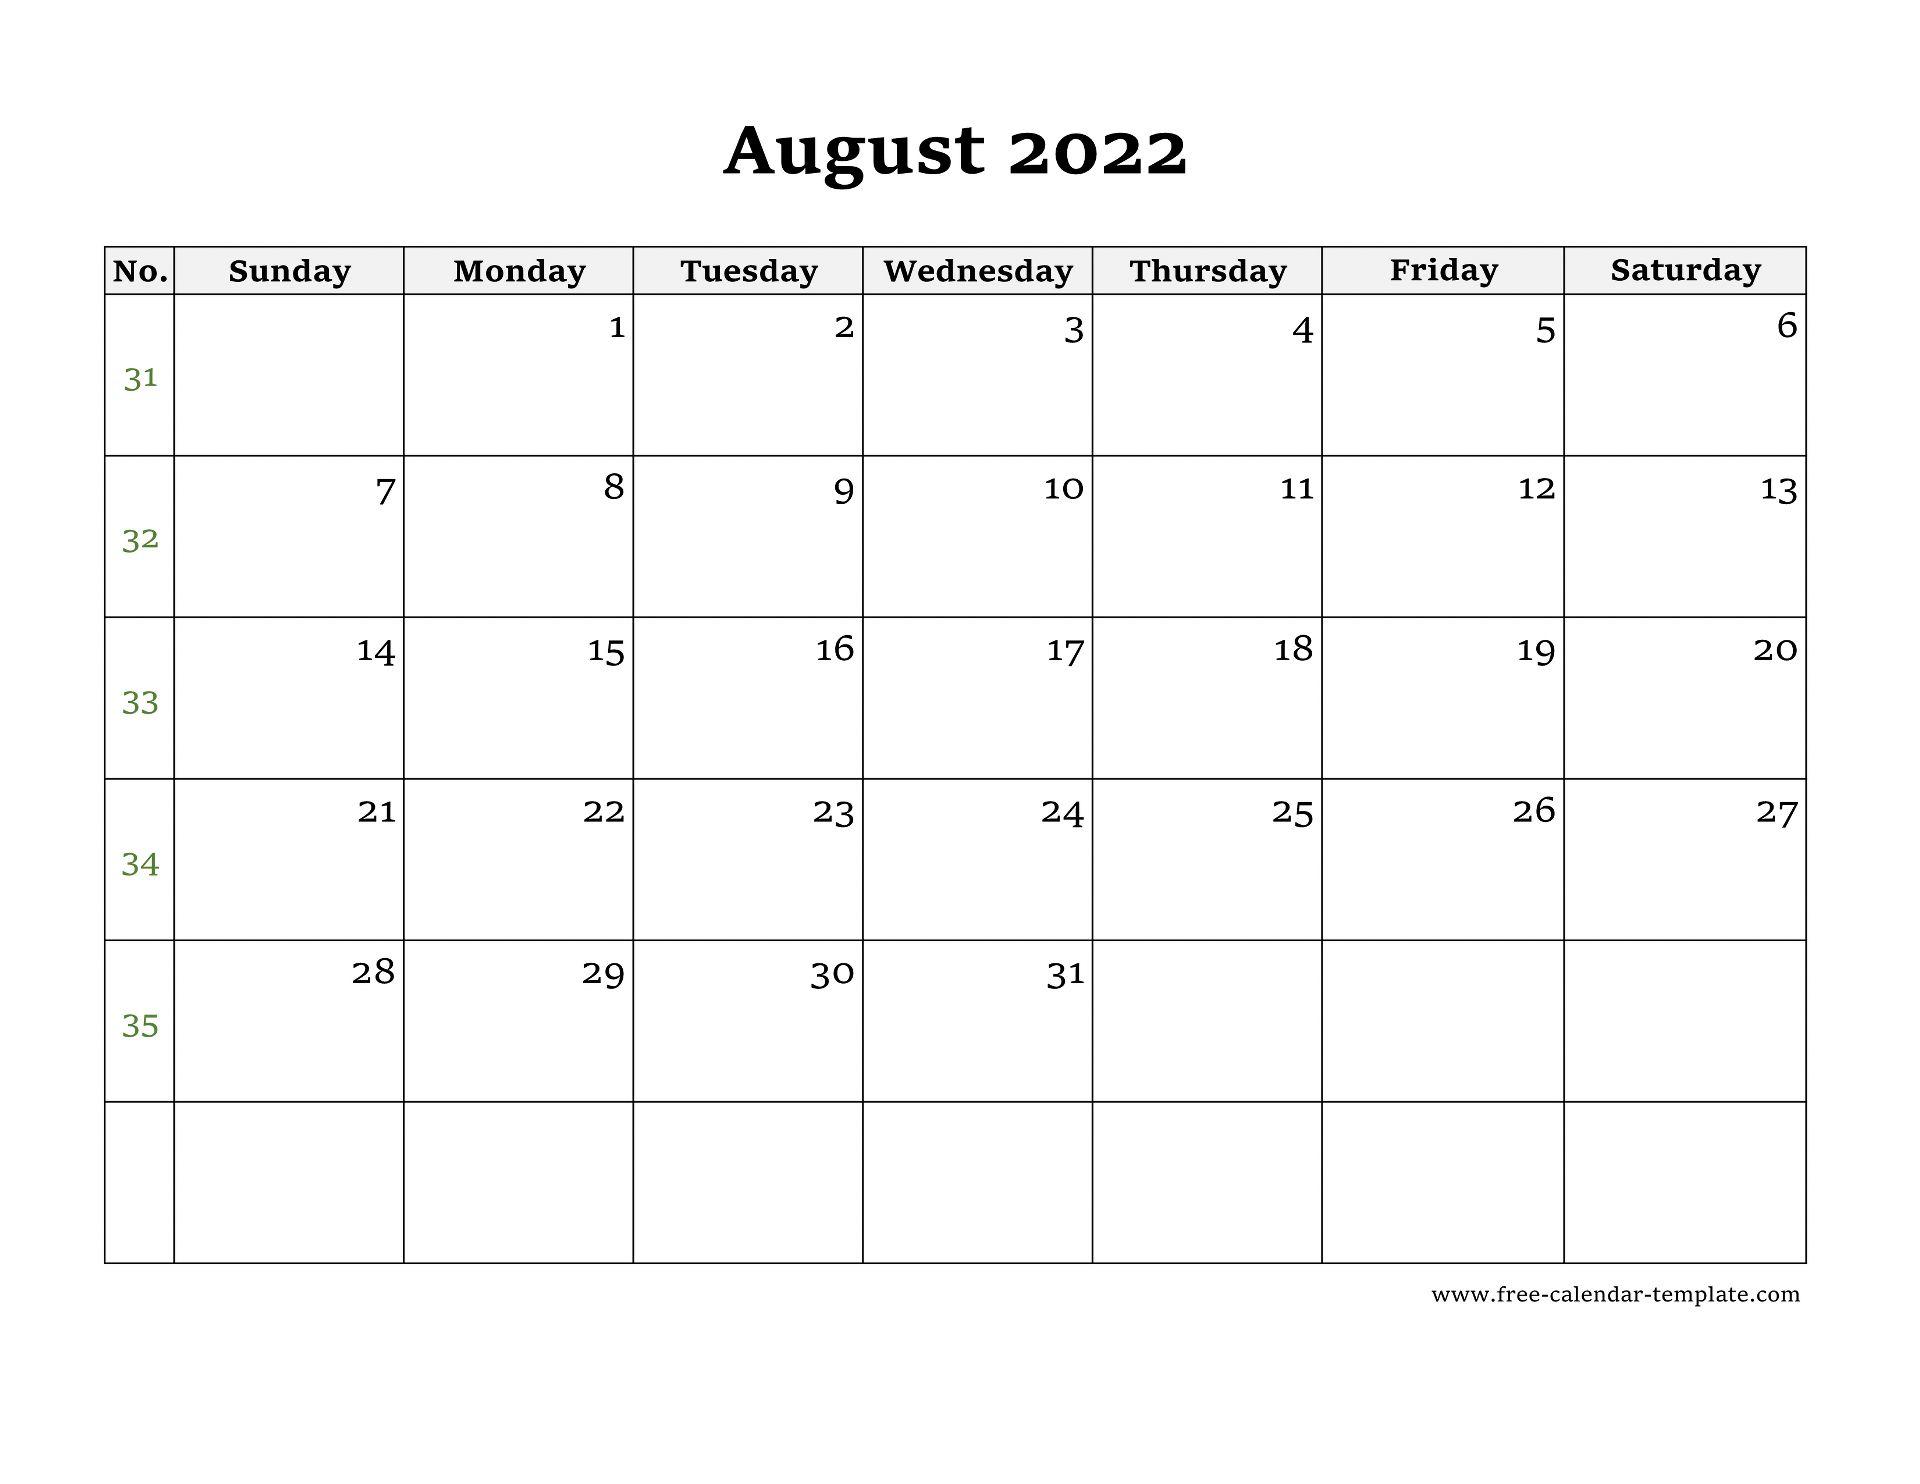 August 2022 Free Calendar Tempplate | Free-calendar ...